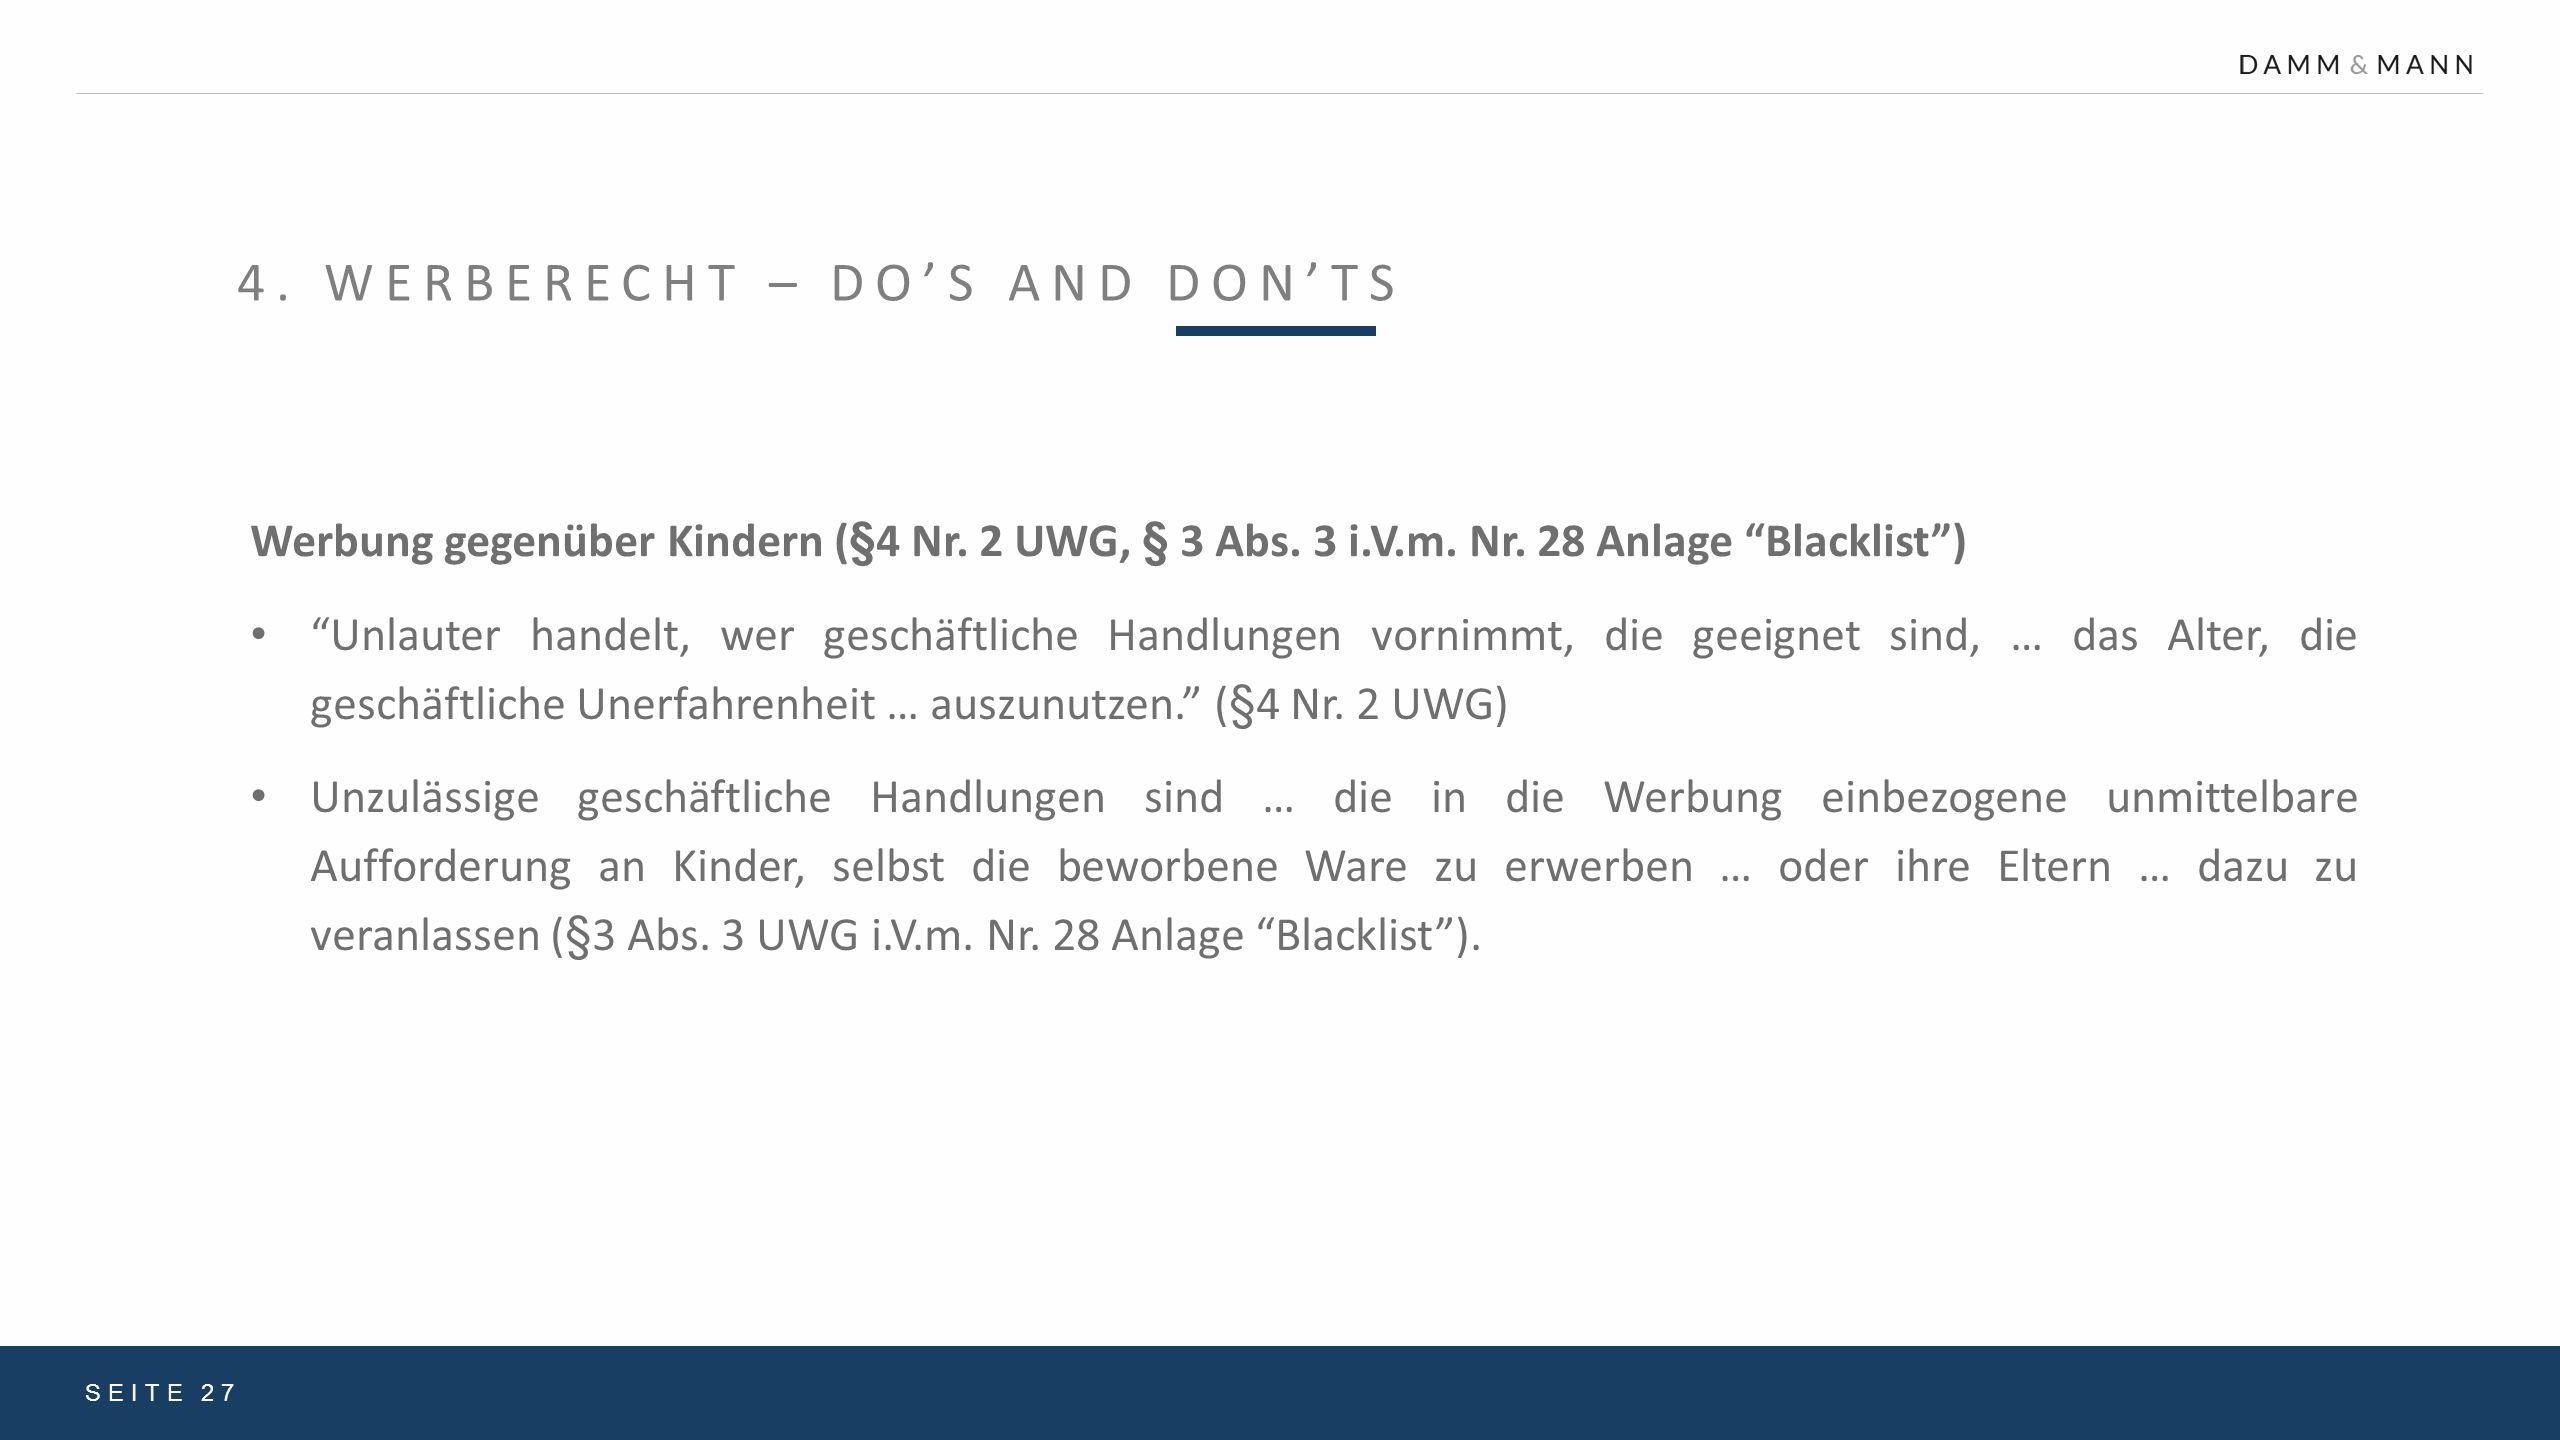 """4. WERBERECHT – DO'S AND DON'TS SEITE 27 Werbung gegenüber Kindern (§4 Nr. 2 UWG, § 3 Abs. 3 i.V.m. Nr. 28 Anlage """"Blacklist"""") """"Unlauter handelt, wer"""